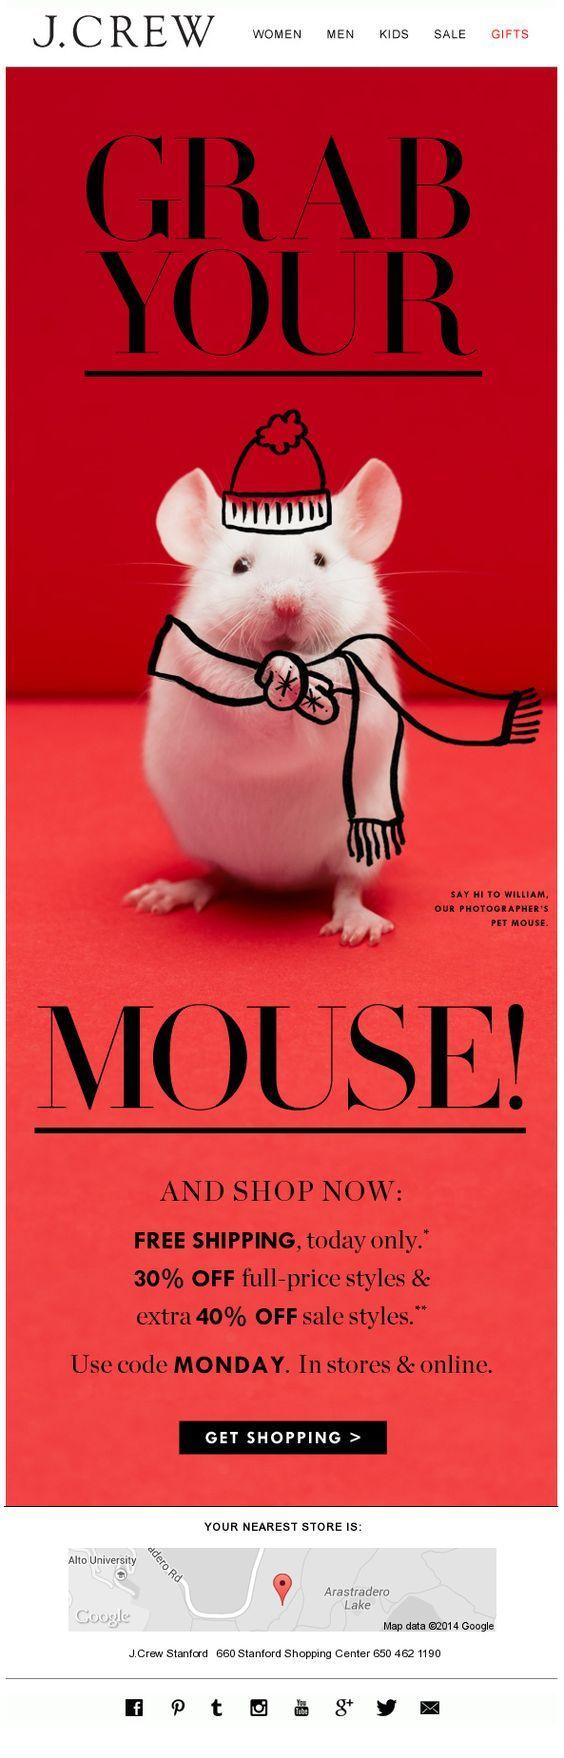 """O design desse e-mail marketing é bem simples, mas a brincadeira entre o escrito e a imagem já cativa totalmente a atenção! """"Agarre o seu mouse e compre agora..."""", um trocadilho esperto entre mouse do computador e rato em inglês, que é mouse. Um exemplo de como fazer algo simples, mas com uma mensagem bem legal.  #EmailMarketing #Newsletter #Criatividade #Creative #TudoMarketing #TudoMkt"""